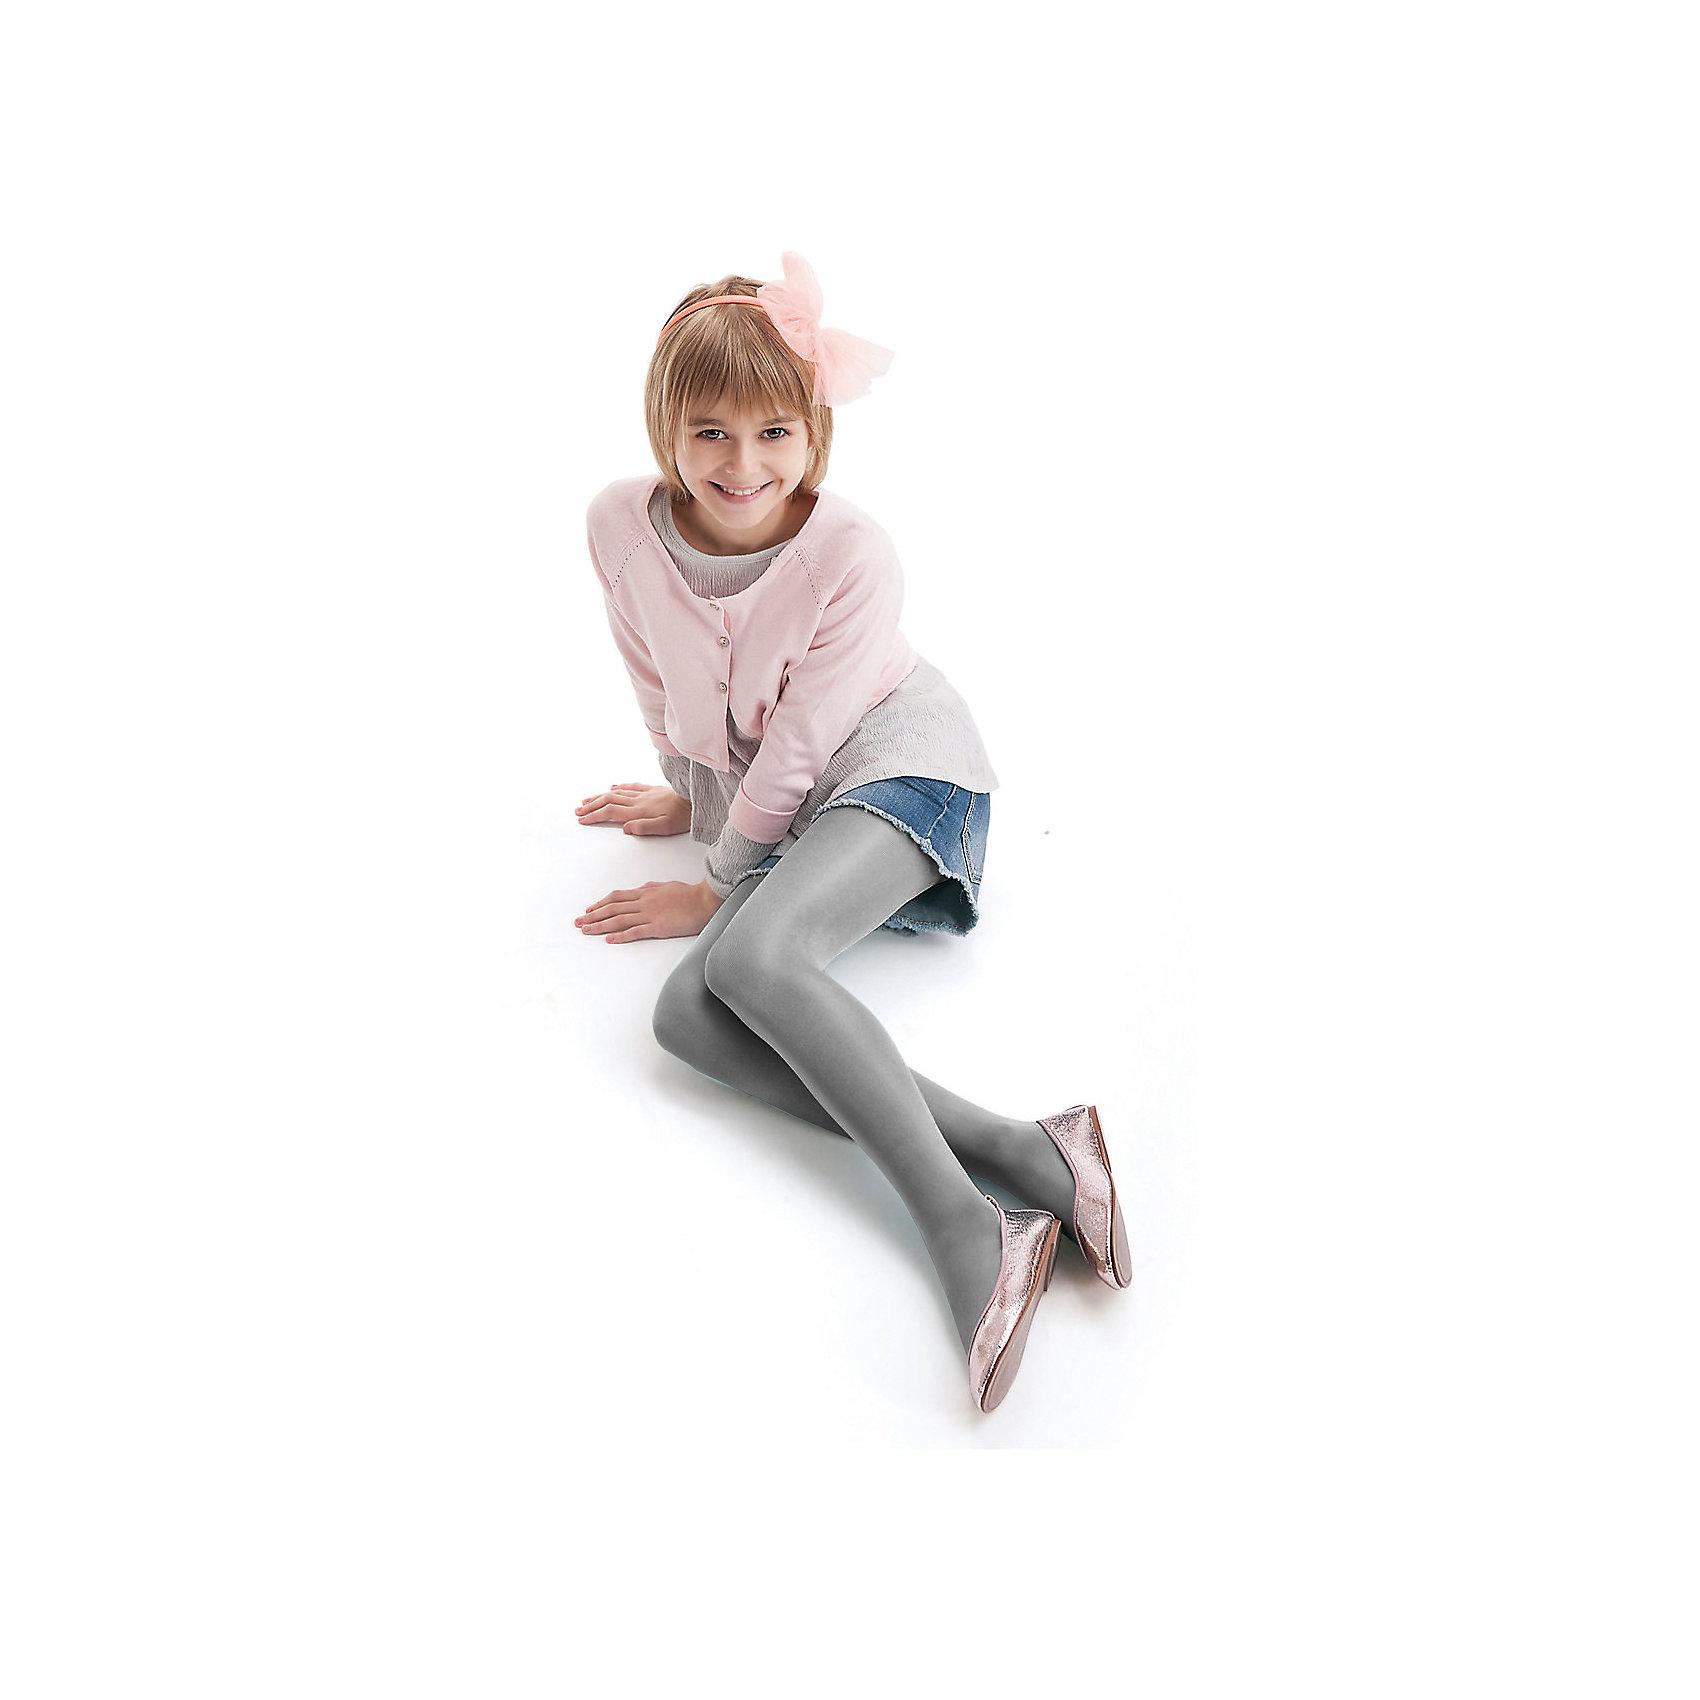 Колготки для девочки KnittexКолготки<br>Колготки для девочки Knittex<br>Непрозрачные однотонные колготки из микрофибры плотностью 120 den без рисунка, с небольшим блеском. Мягкие и приятные на ощупь.  Плоские швы. Высокая талия. Широкая мягкая резинка. Укрепленный мысок. <br>Состав:<br>полиамид 95%, эластан 5%<br><br>Ширина мм: 123<br>Глубина мм: 10<br>Высота мм: 149<br>Вес г: 209<br>Цвет: зеленый<br>Возраст от месяцев: 72<br>Возраст до месяцев: 84<br>Пол: Женский<br>Возраст: Детский<br>Размер: 116/122,152/158,140/146,128/134<br>SKU: 6837352